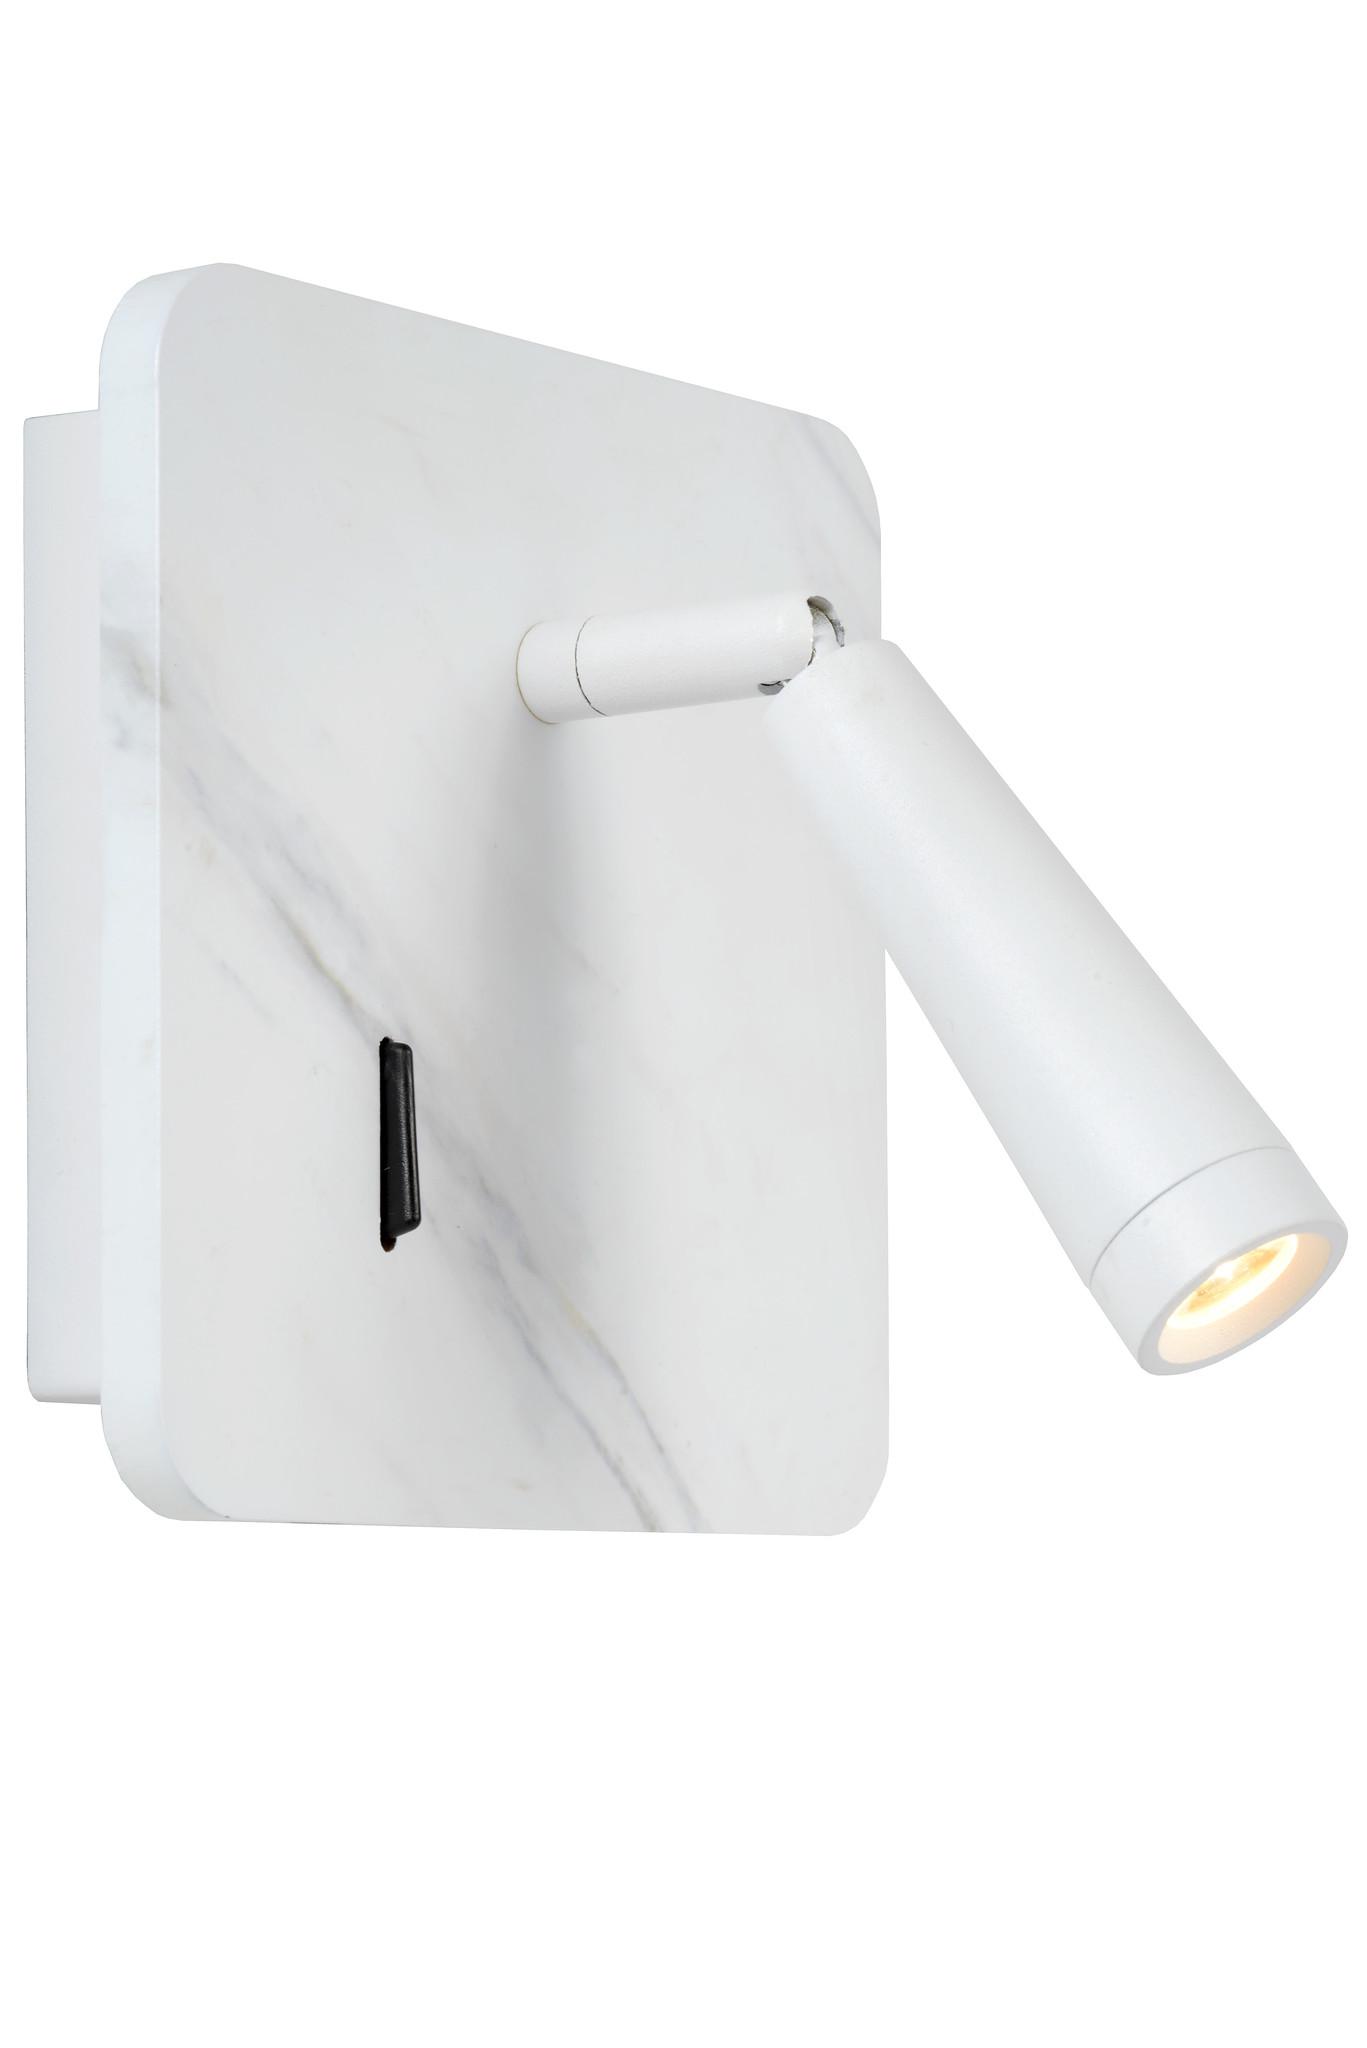 Lucide OREGON Bedlamp-Wit-LED-4W-3000K-Met USB oplaadpunt